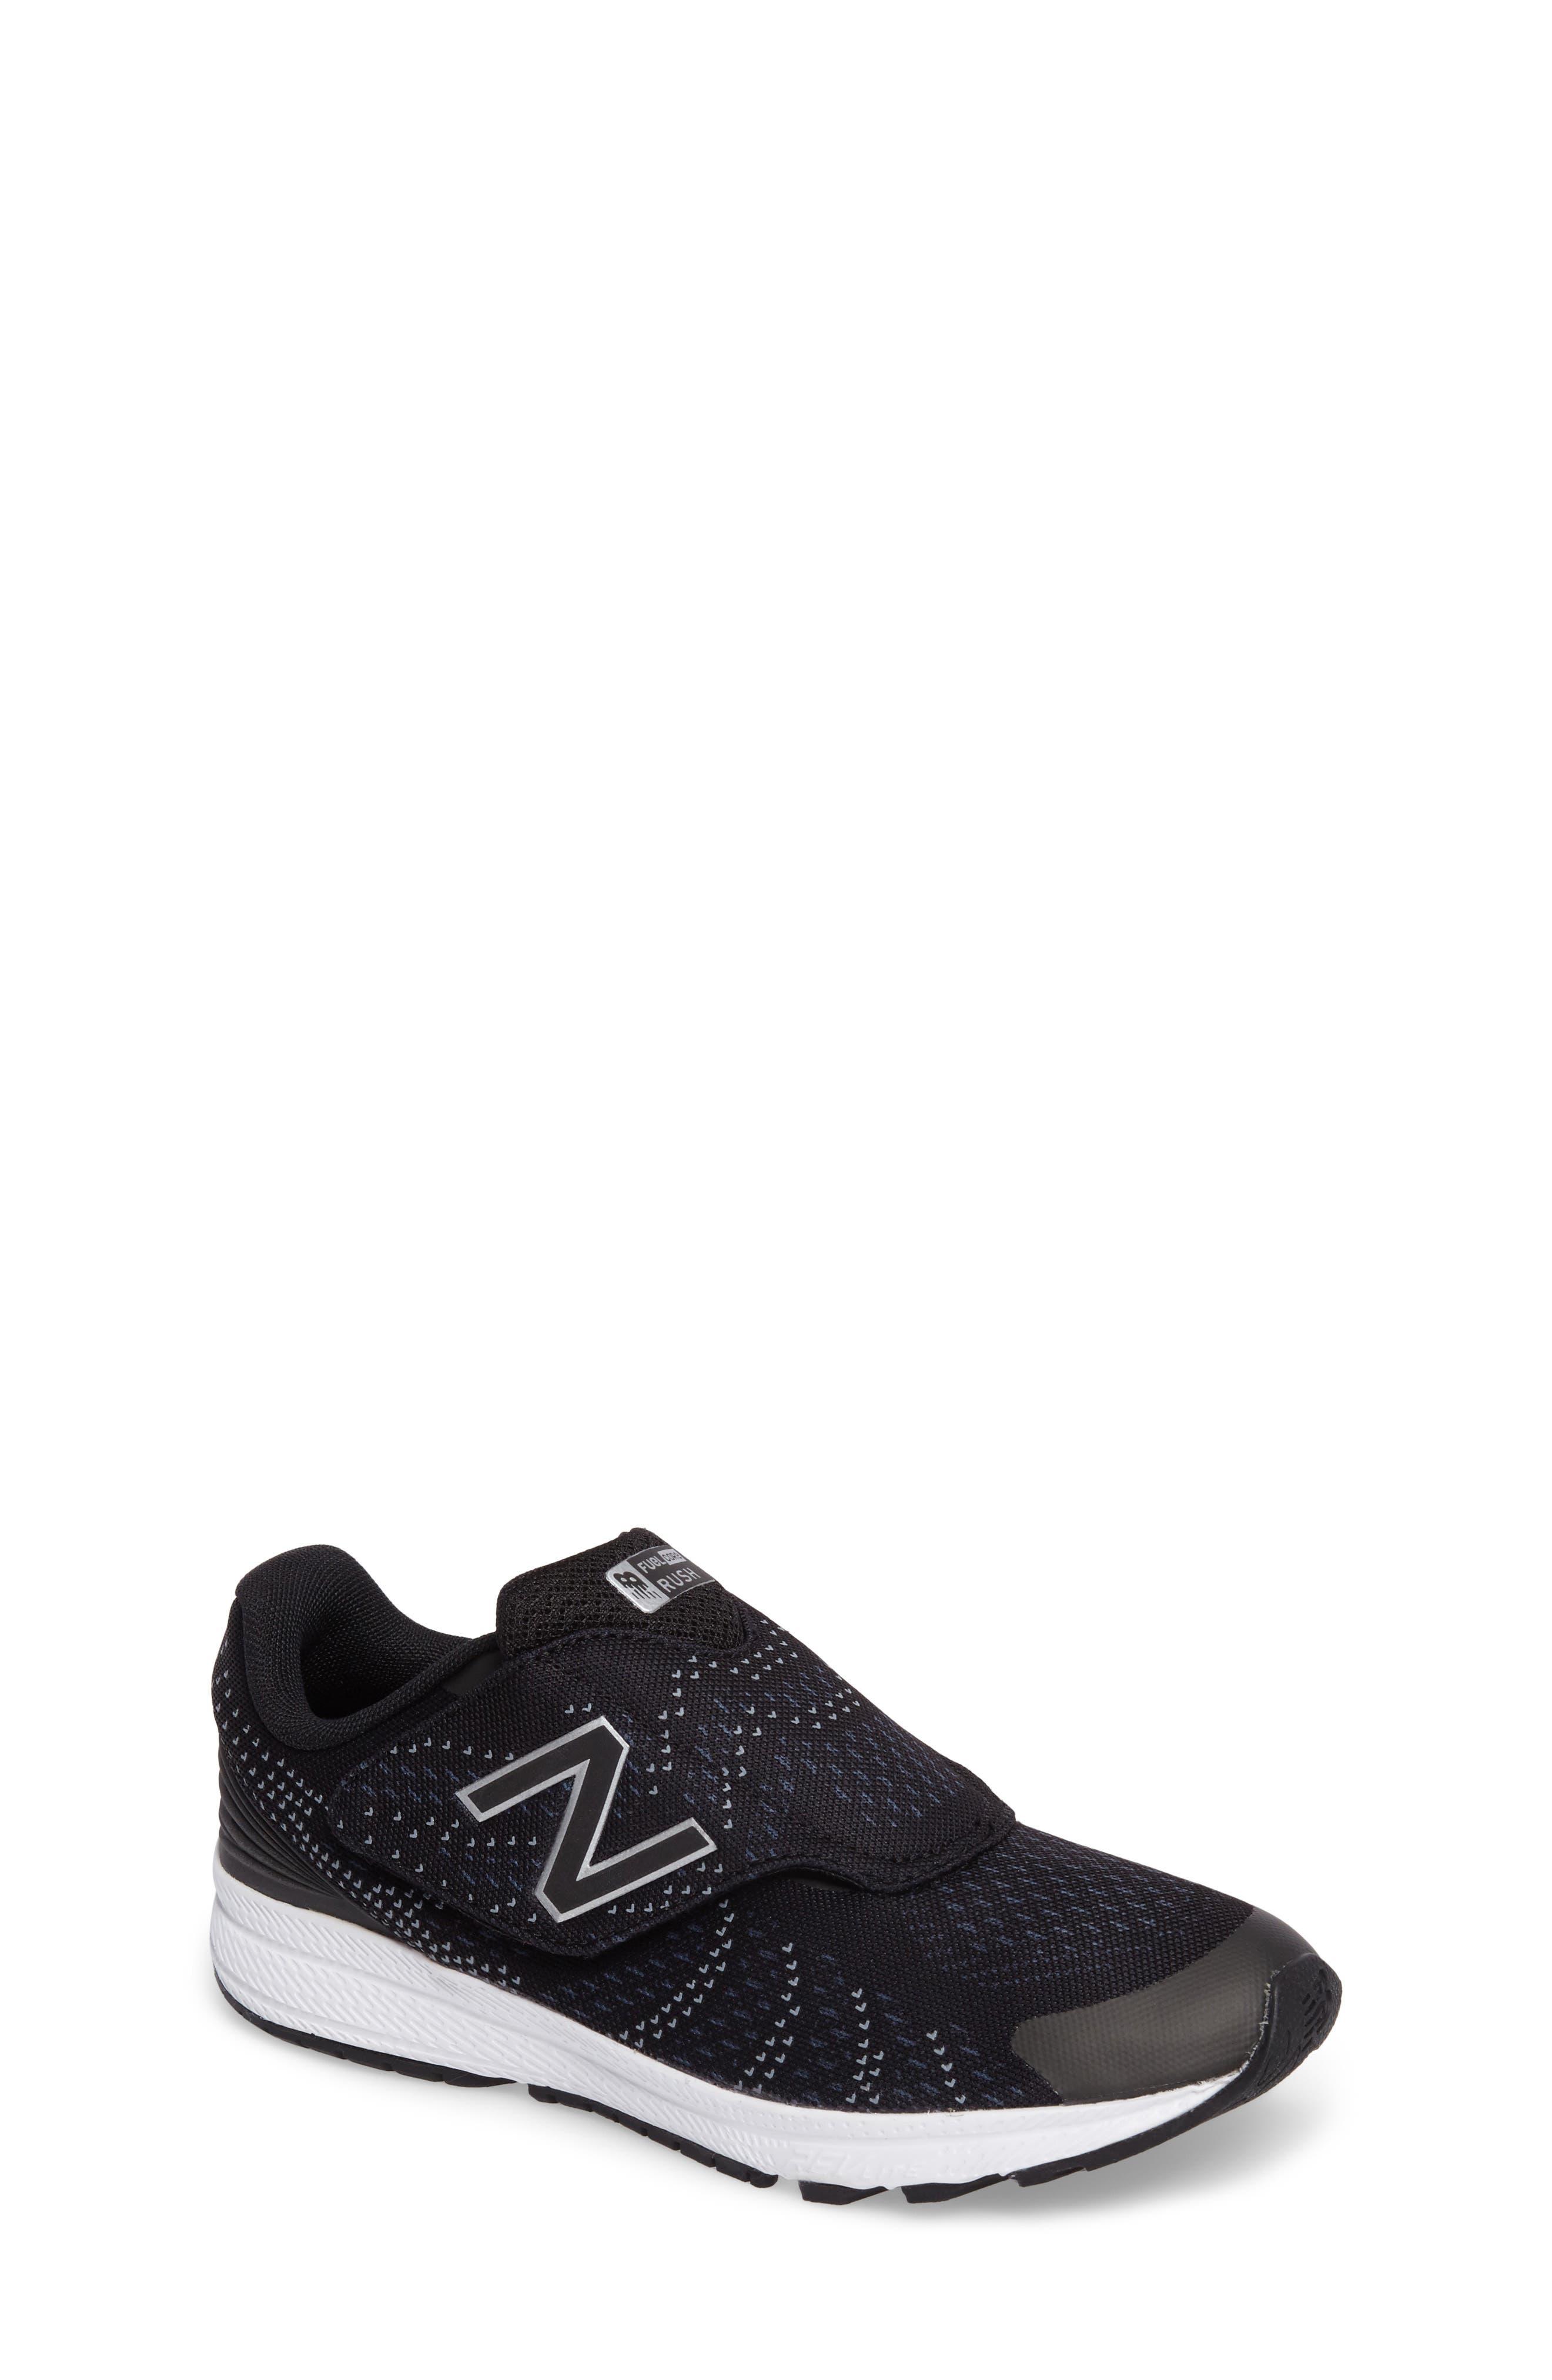 FuelCore Rush v3 Sneaker,                         Main,                         color, Black